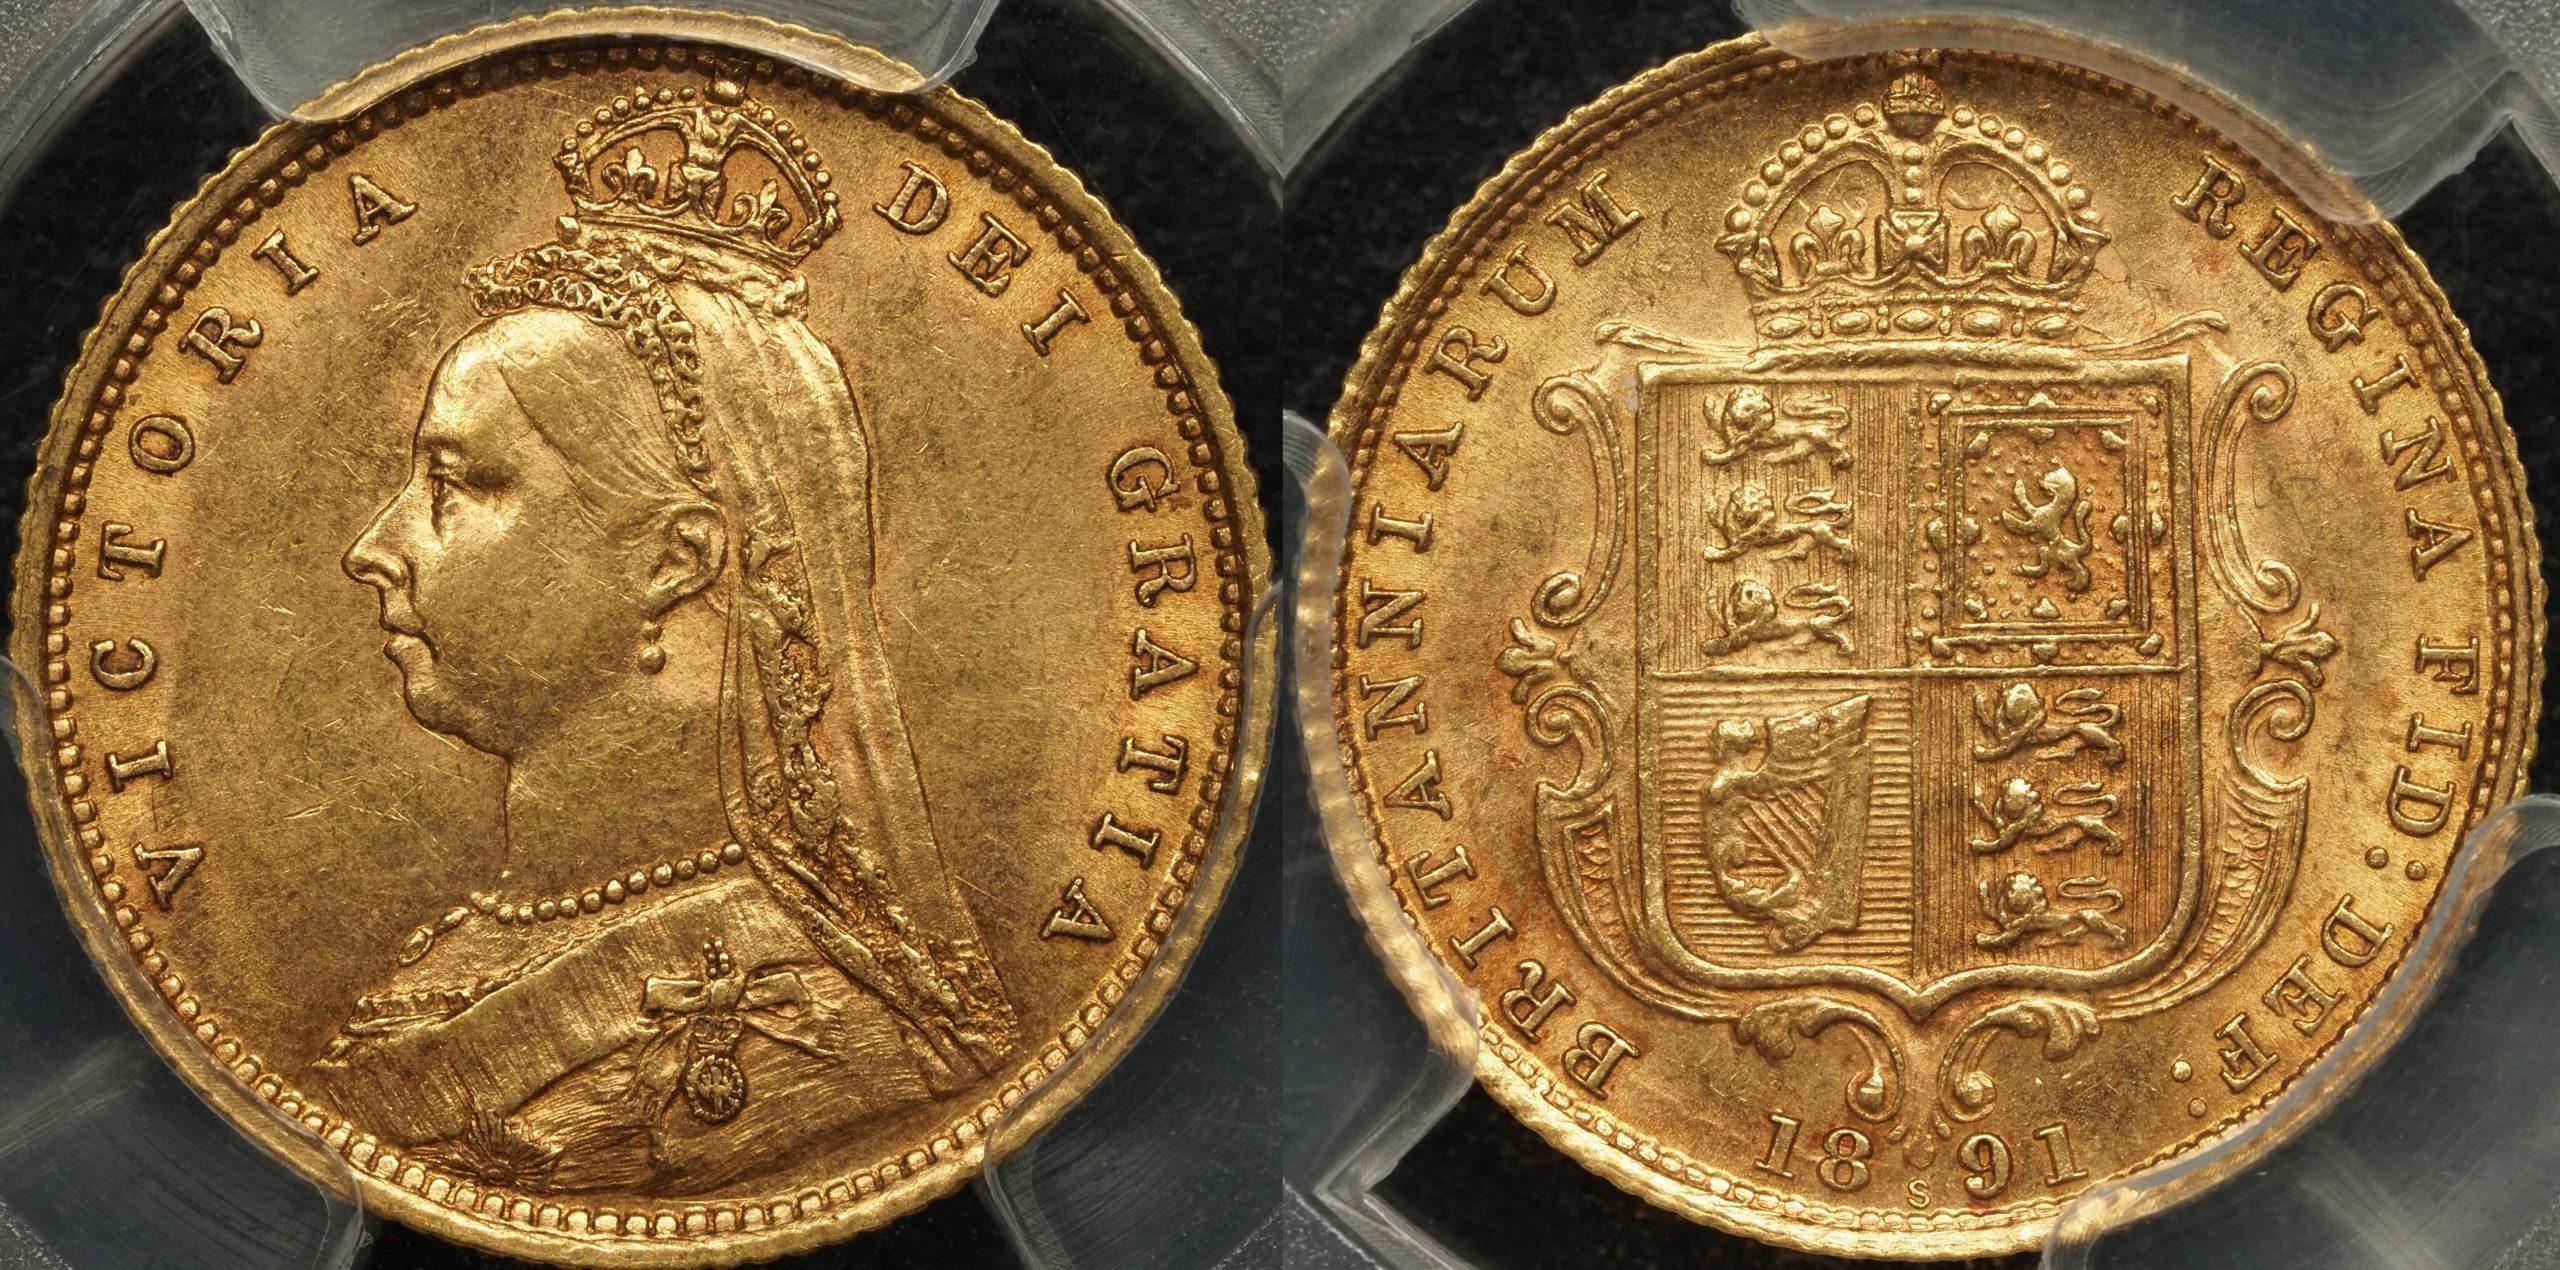 Australia 1891 Sydney Jubilee Half Sovereign AU58